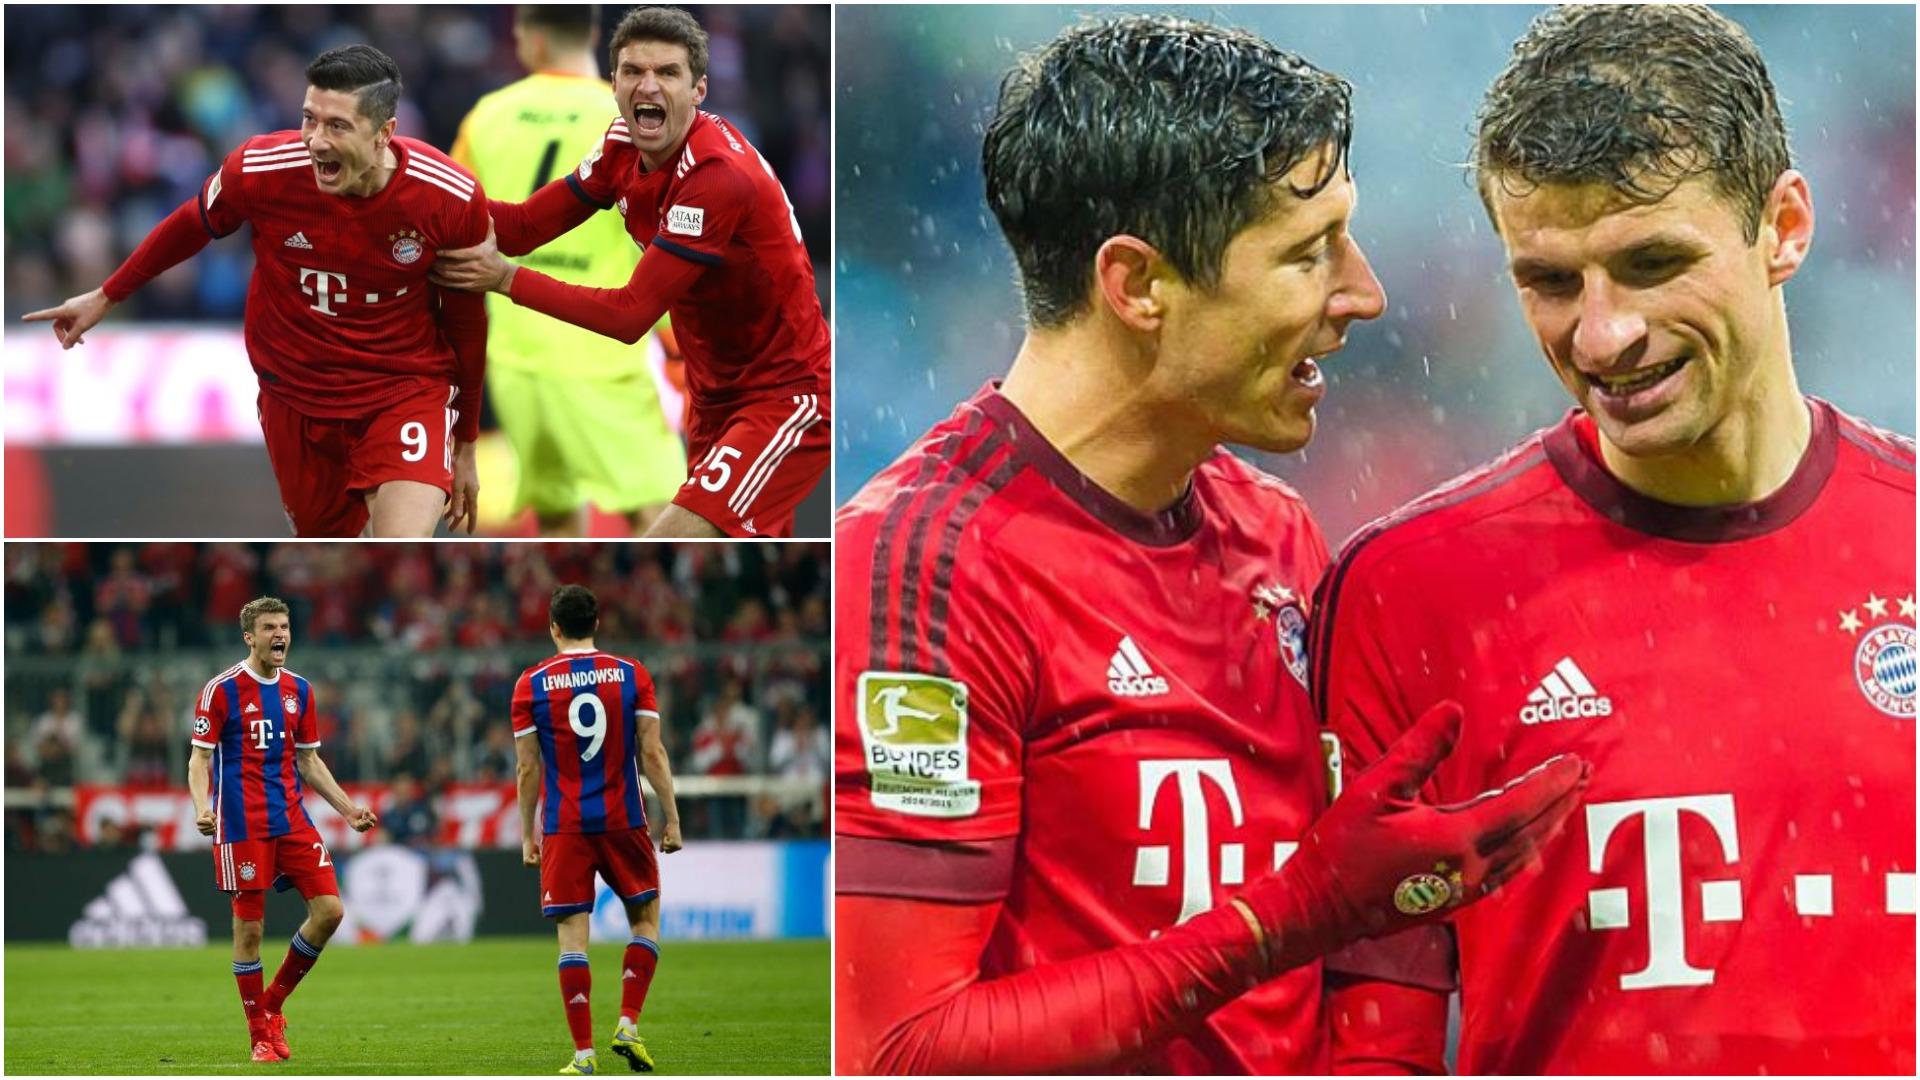 Elozhet e Muller: Lewandowski legjendë e gjallë, më i mirë se Rummenigge